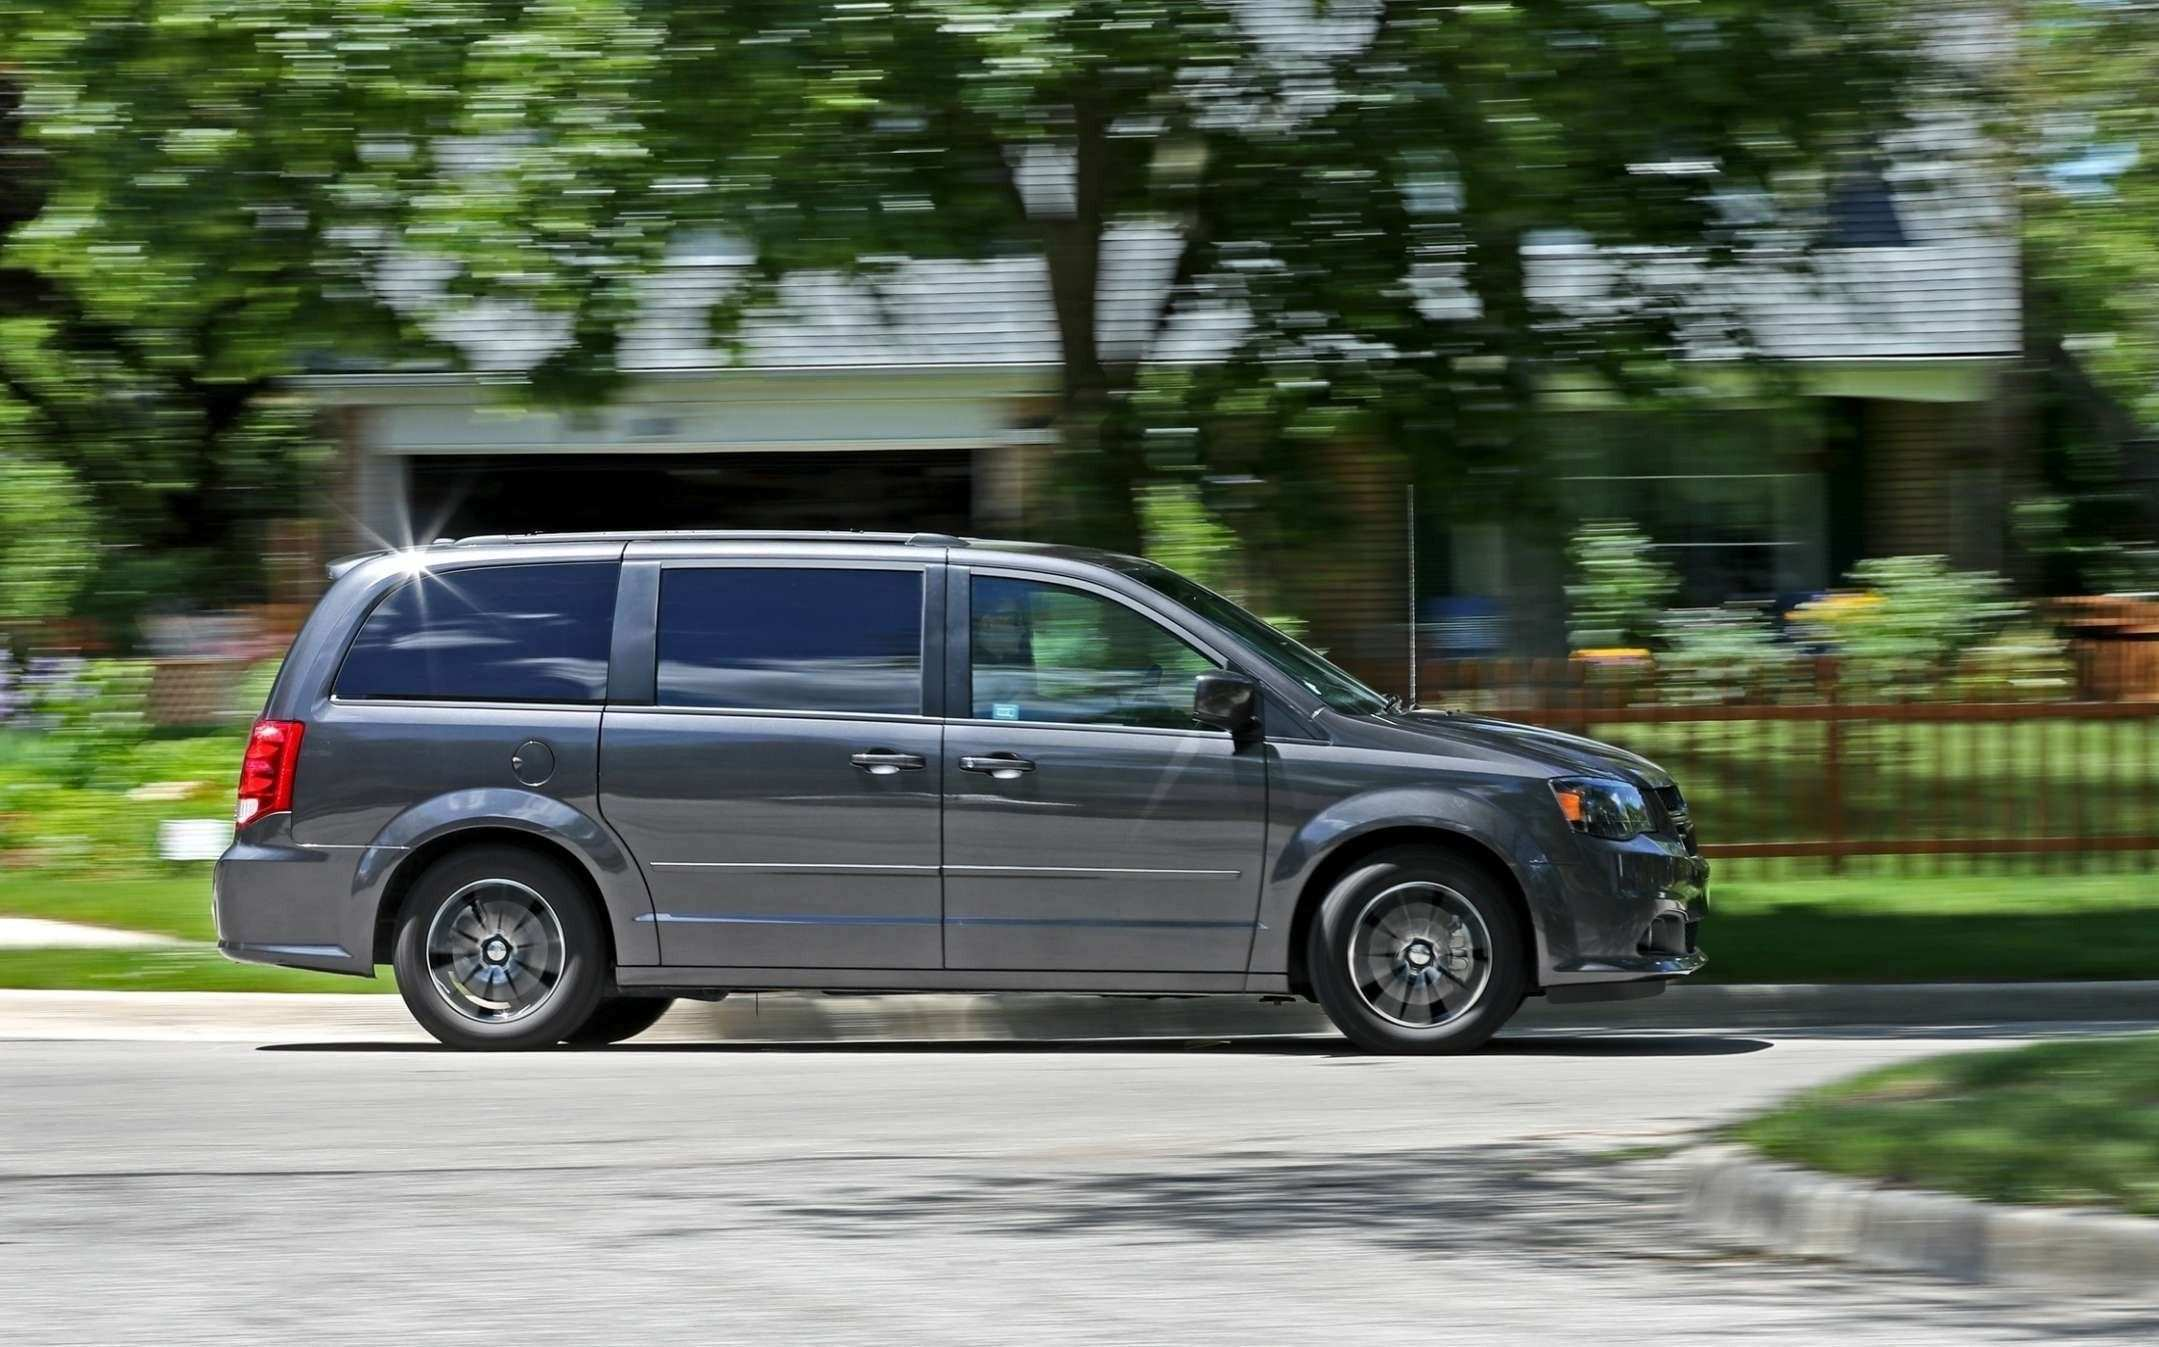 77 All New 2020 Dodge Van First Drive with 2020 Dodge Van